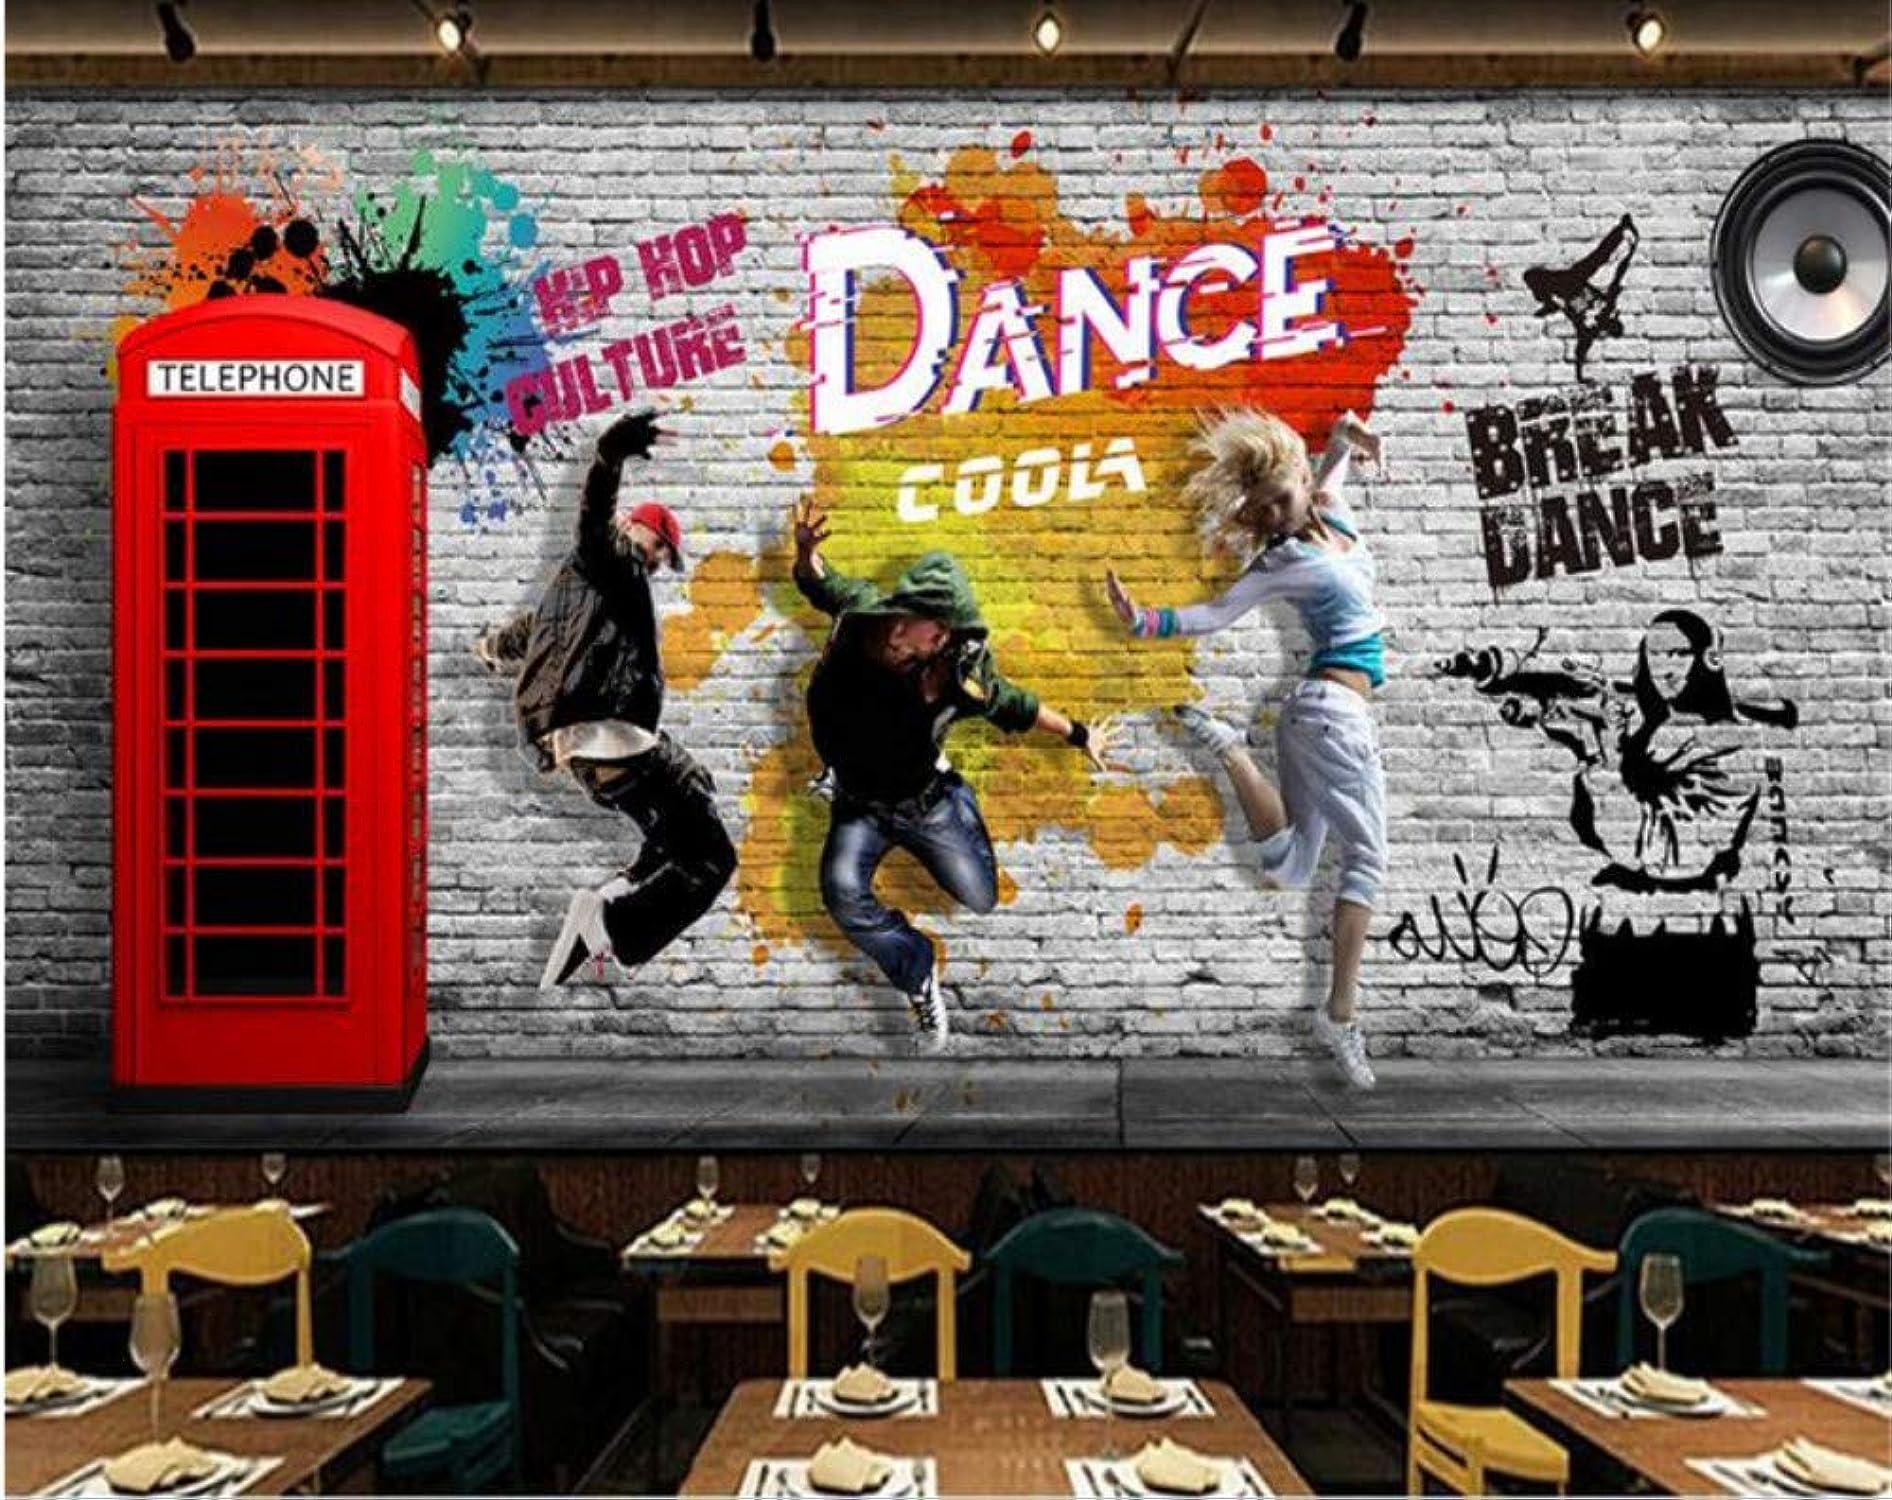 genuina alta calidad Mbwlkj Mbwlkj Mbwlkj Mural Personalizado, Pintado A Mano, Baile En La Calle, Papel Pintado, Decoración De Baile, Pintura De Fondo Fondos De Pantalla Para Sala De Estar-200cmx140cm  barato y de alta calidad